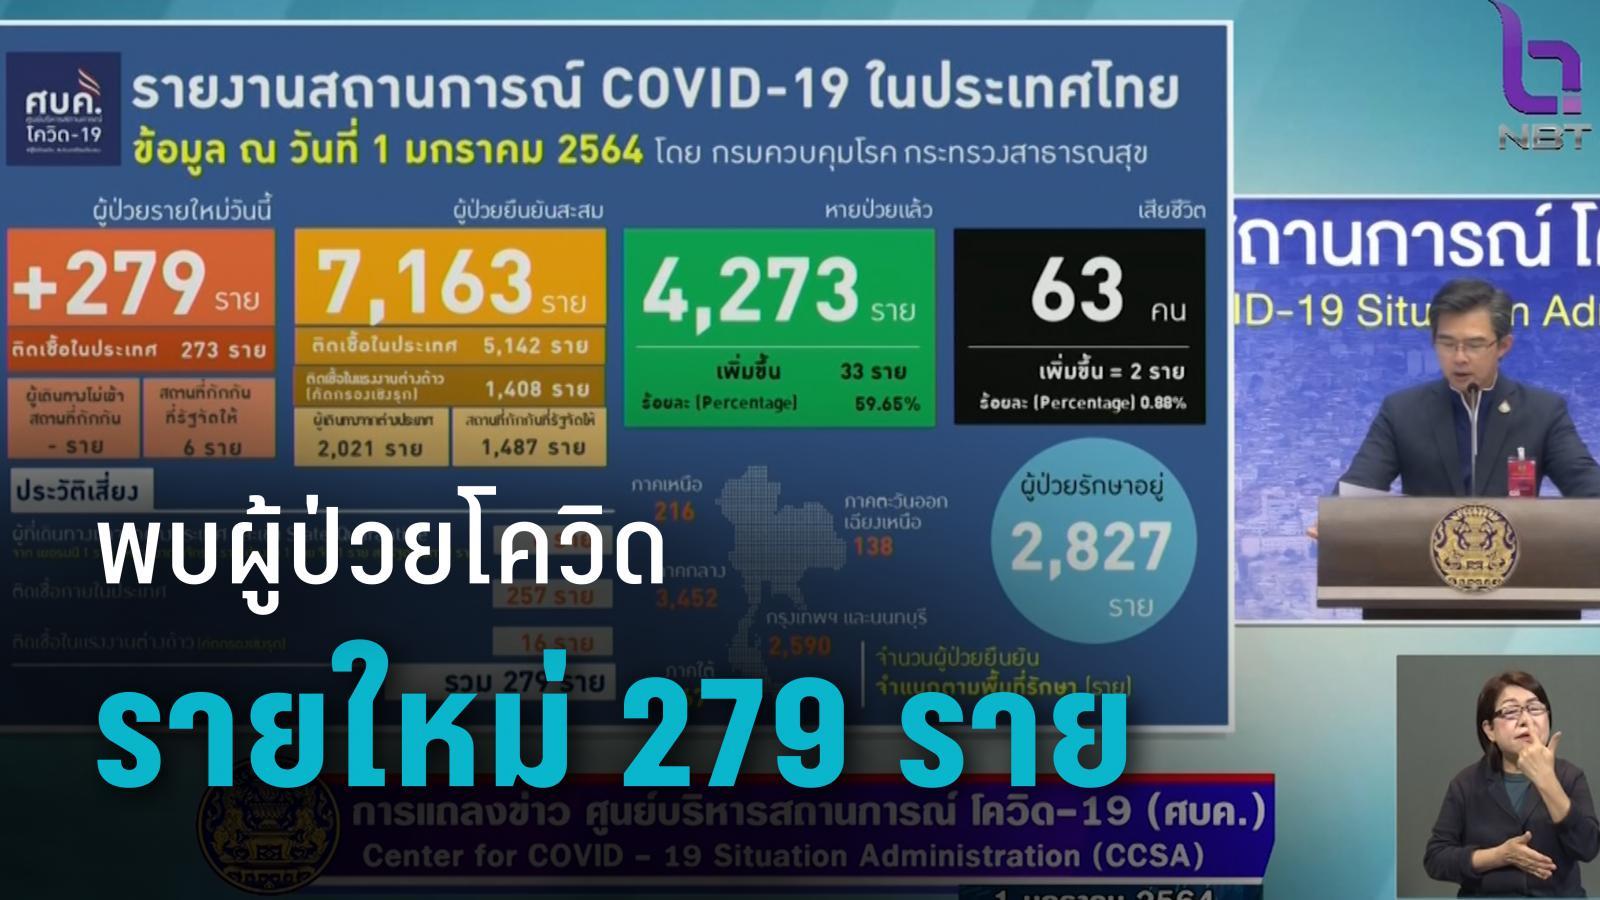 พบผู้ติดเชื้อโควิด-19 รายใหม่ 279 ราย ติดเชื้อในประเทศ 257 ราย